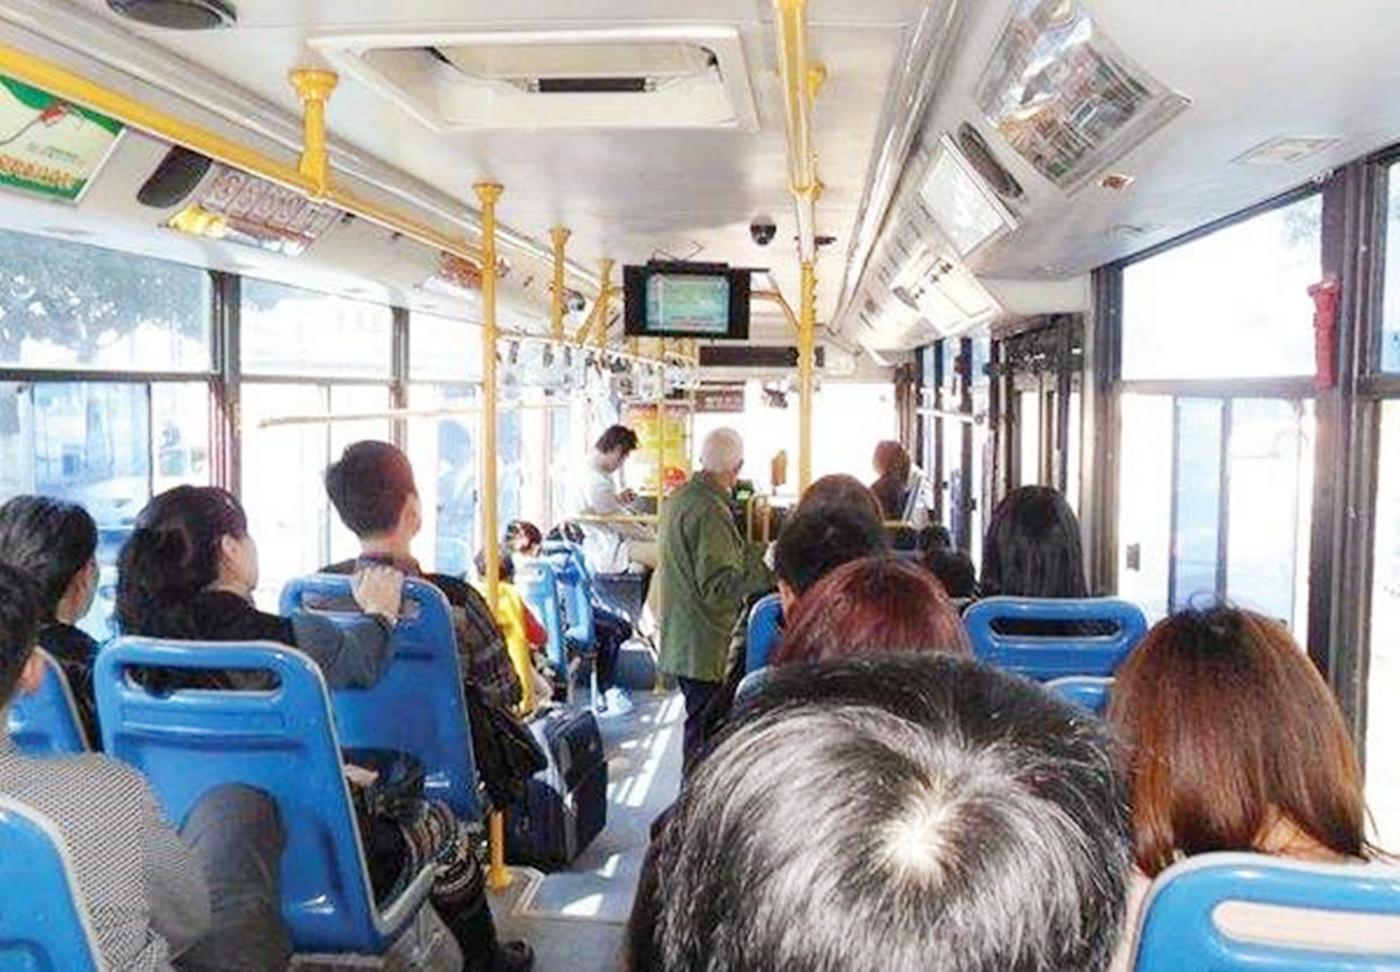 8岁孩子公车让座,被老人说为多管闲事,妈妈的处置影响孩子一生